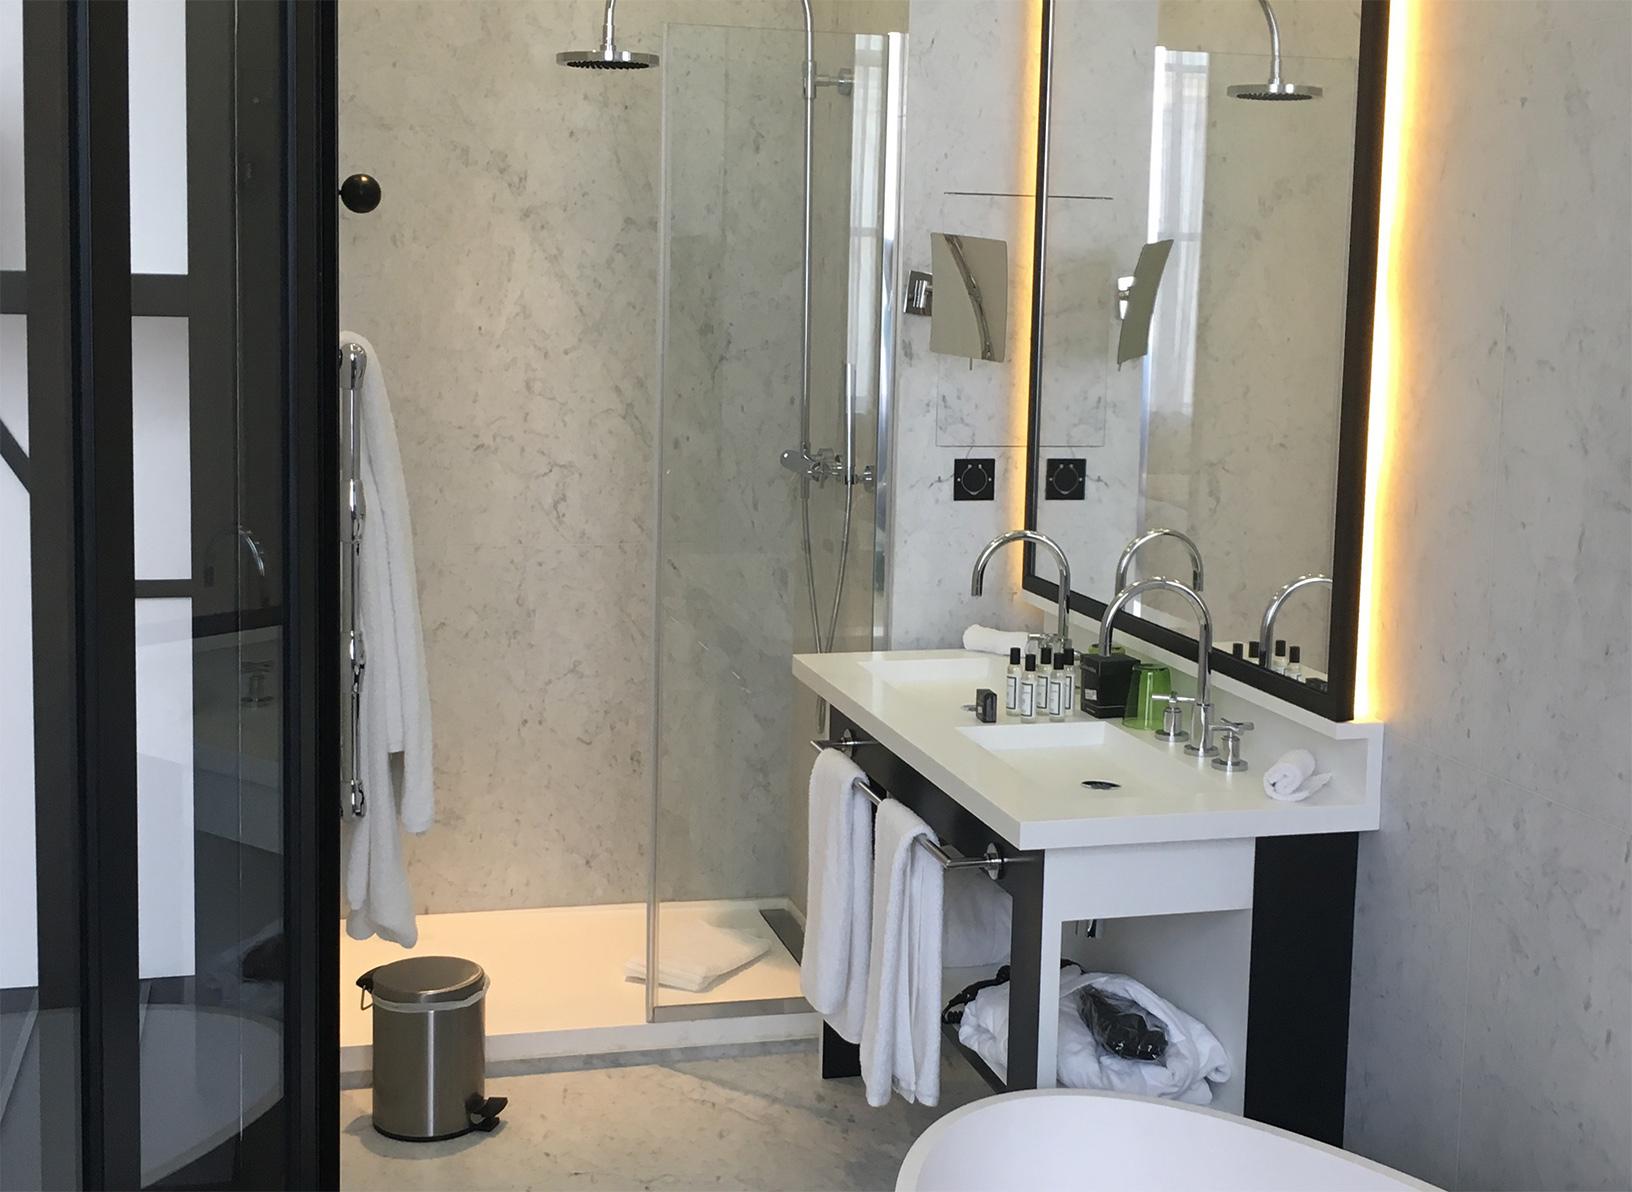 Salle de bain h tel du minist re ates france for Salle de bain foncee